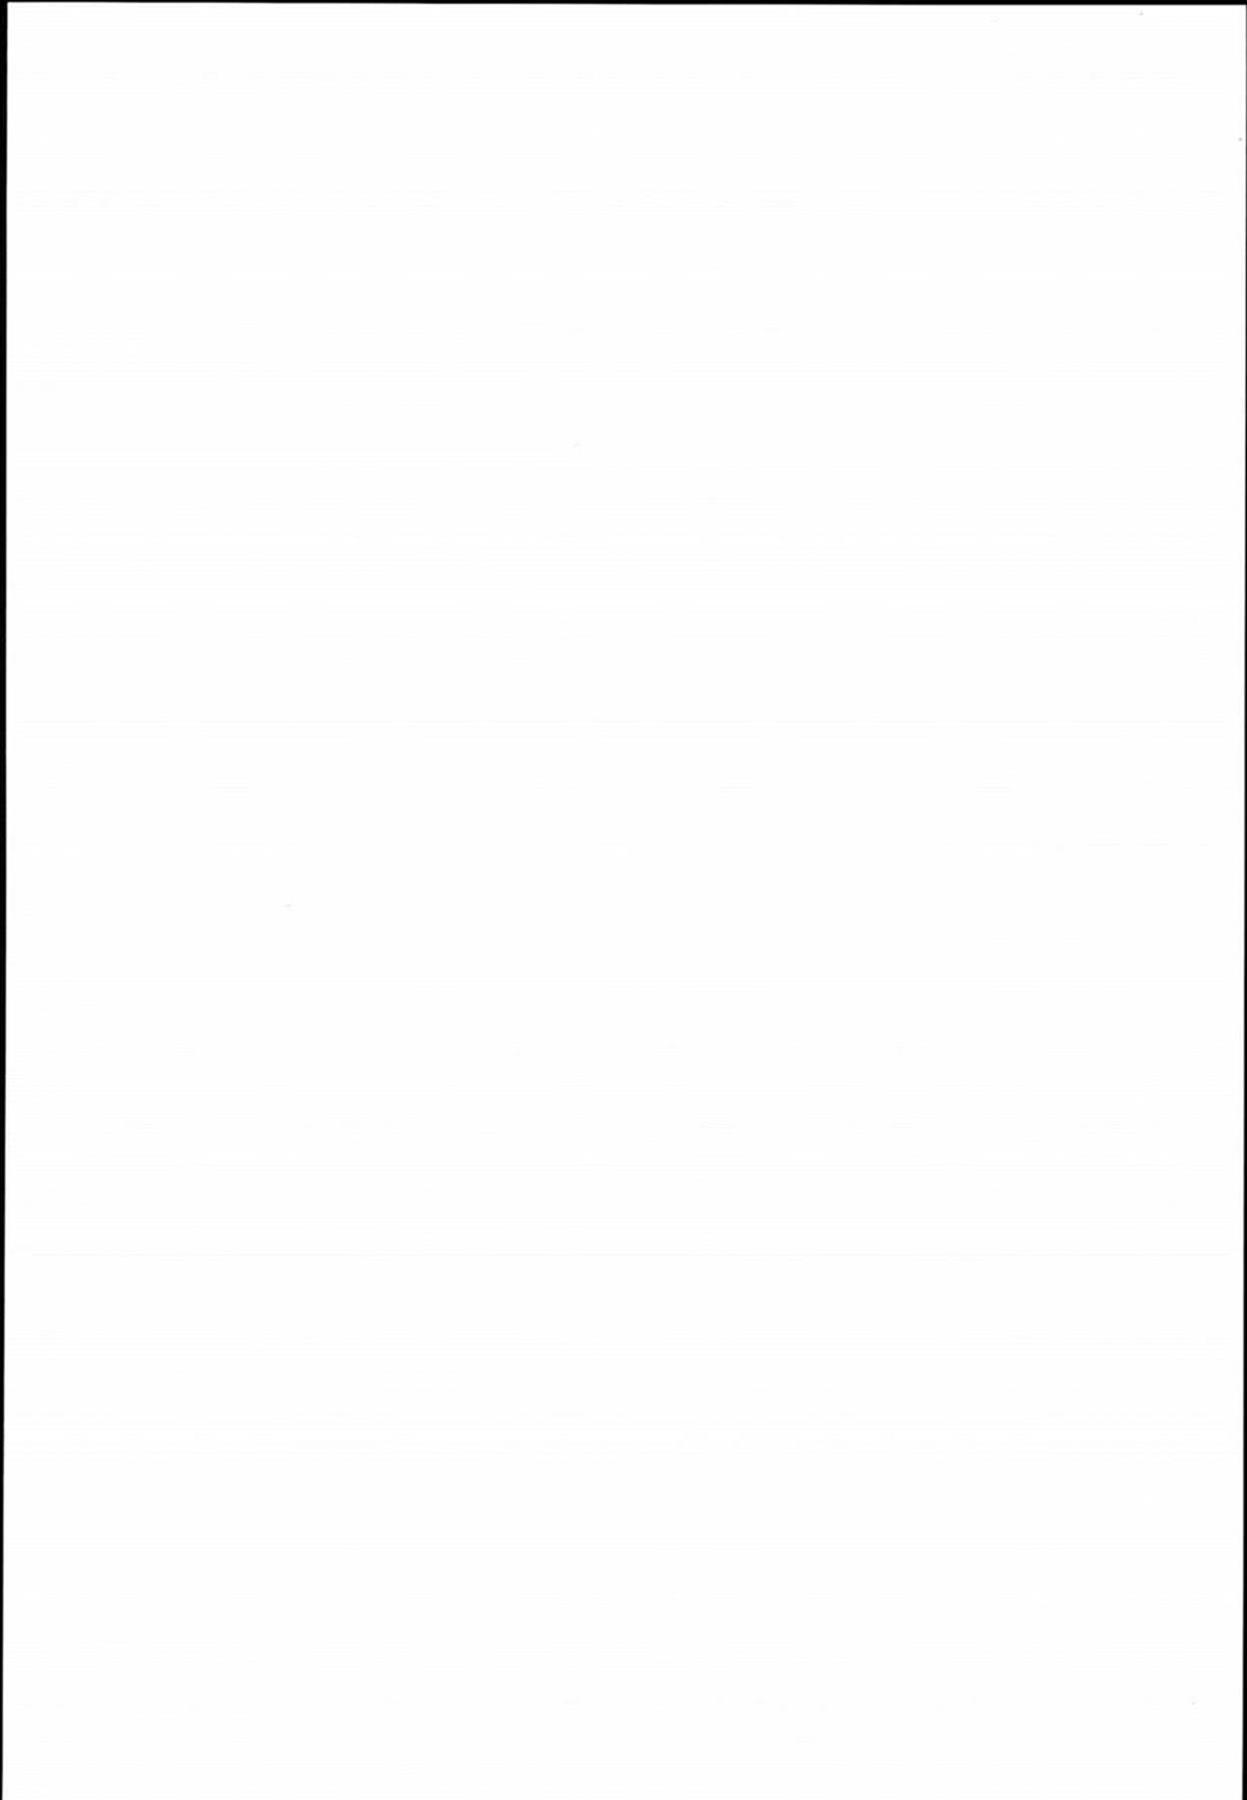 FFやペルソナ、龍が如くの世界を井之頭五郎が渡り歩くコメディwww【よろず エロ漫画・エロ同人】 (19)